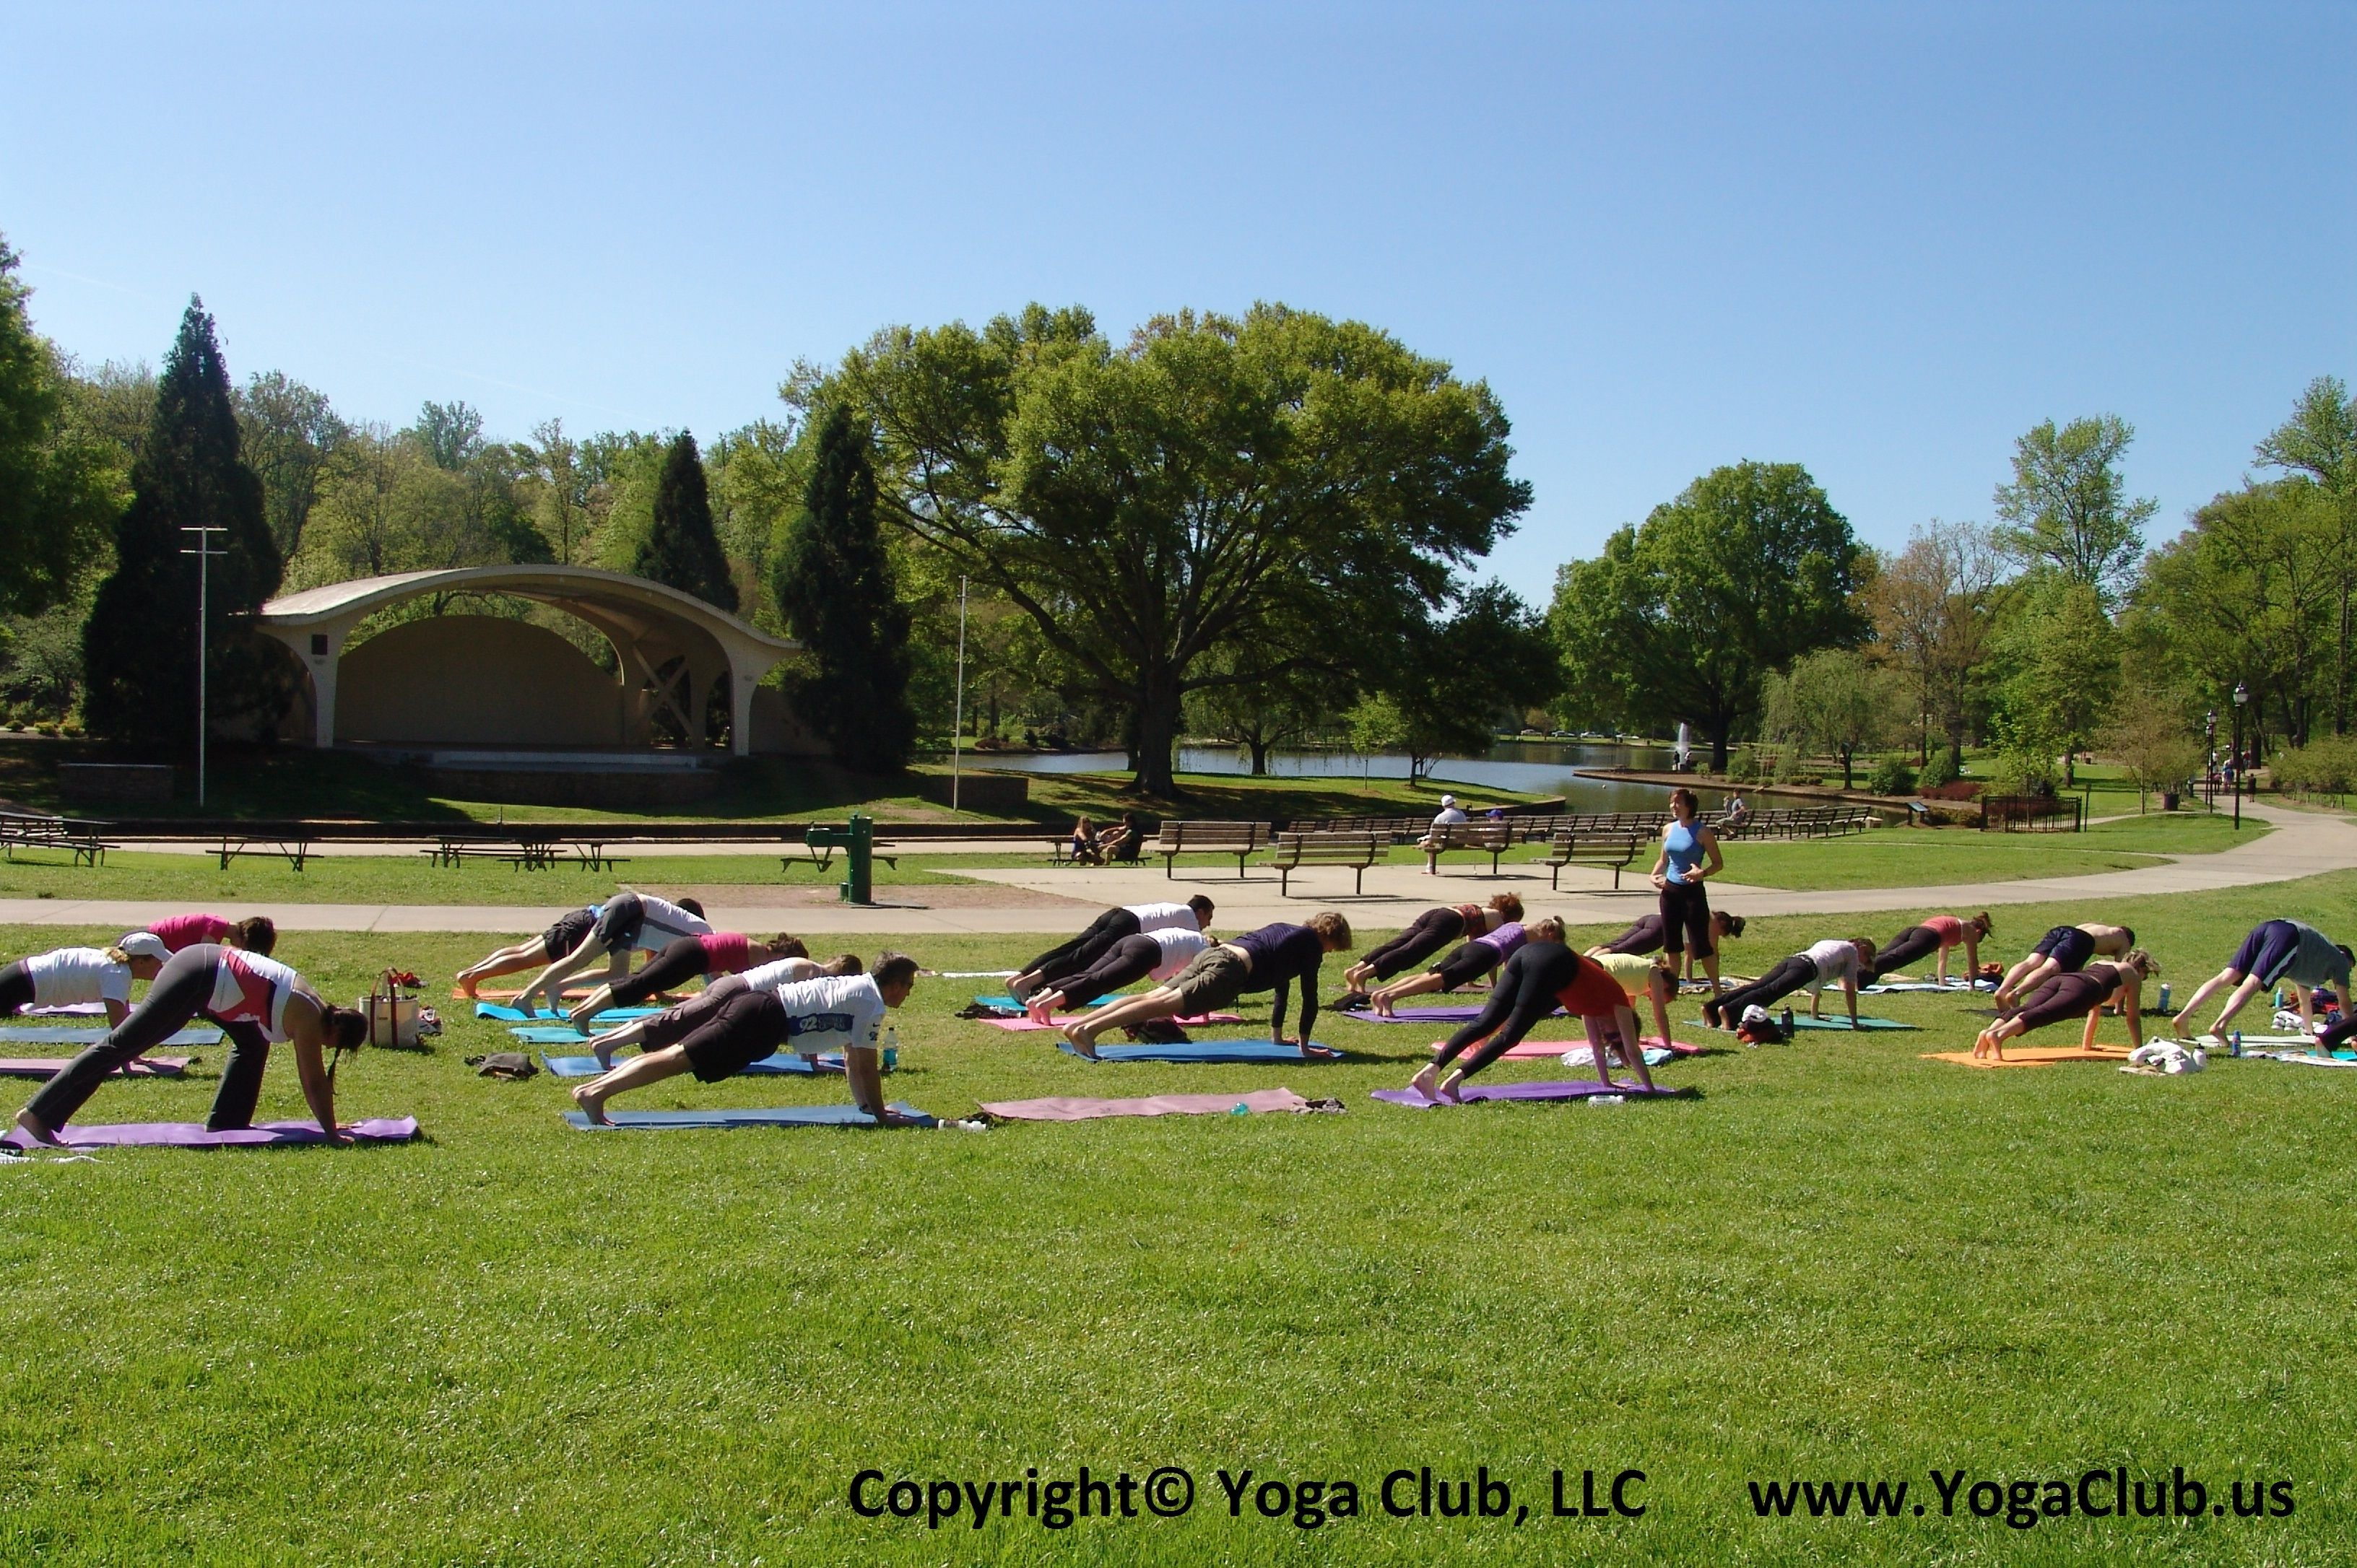 Charlotte Yoga Club Outdoor Yoga In Freedom Park Www Yogaclub Us Yoga Club Outdoor Yoga Yoga